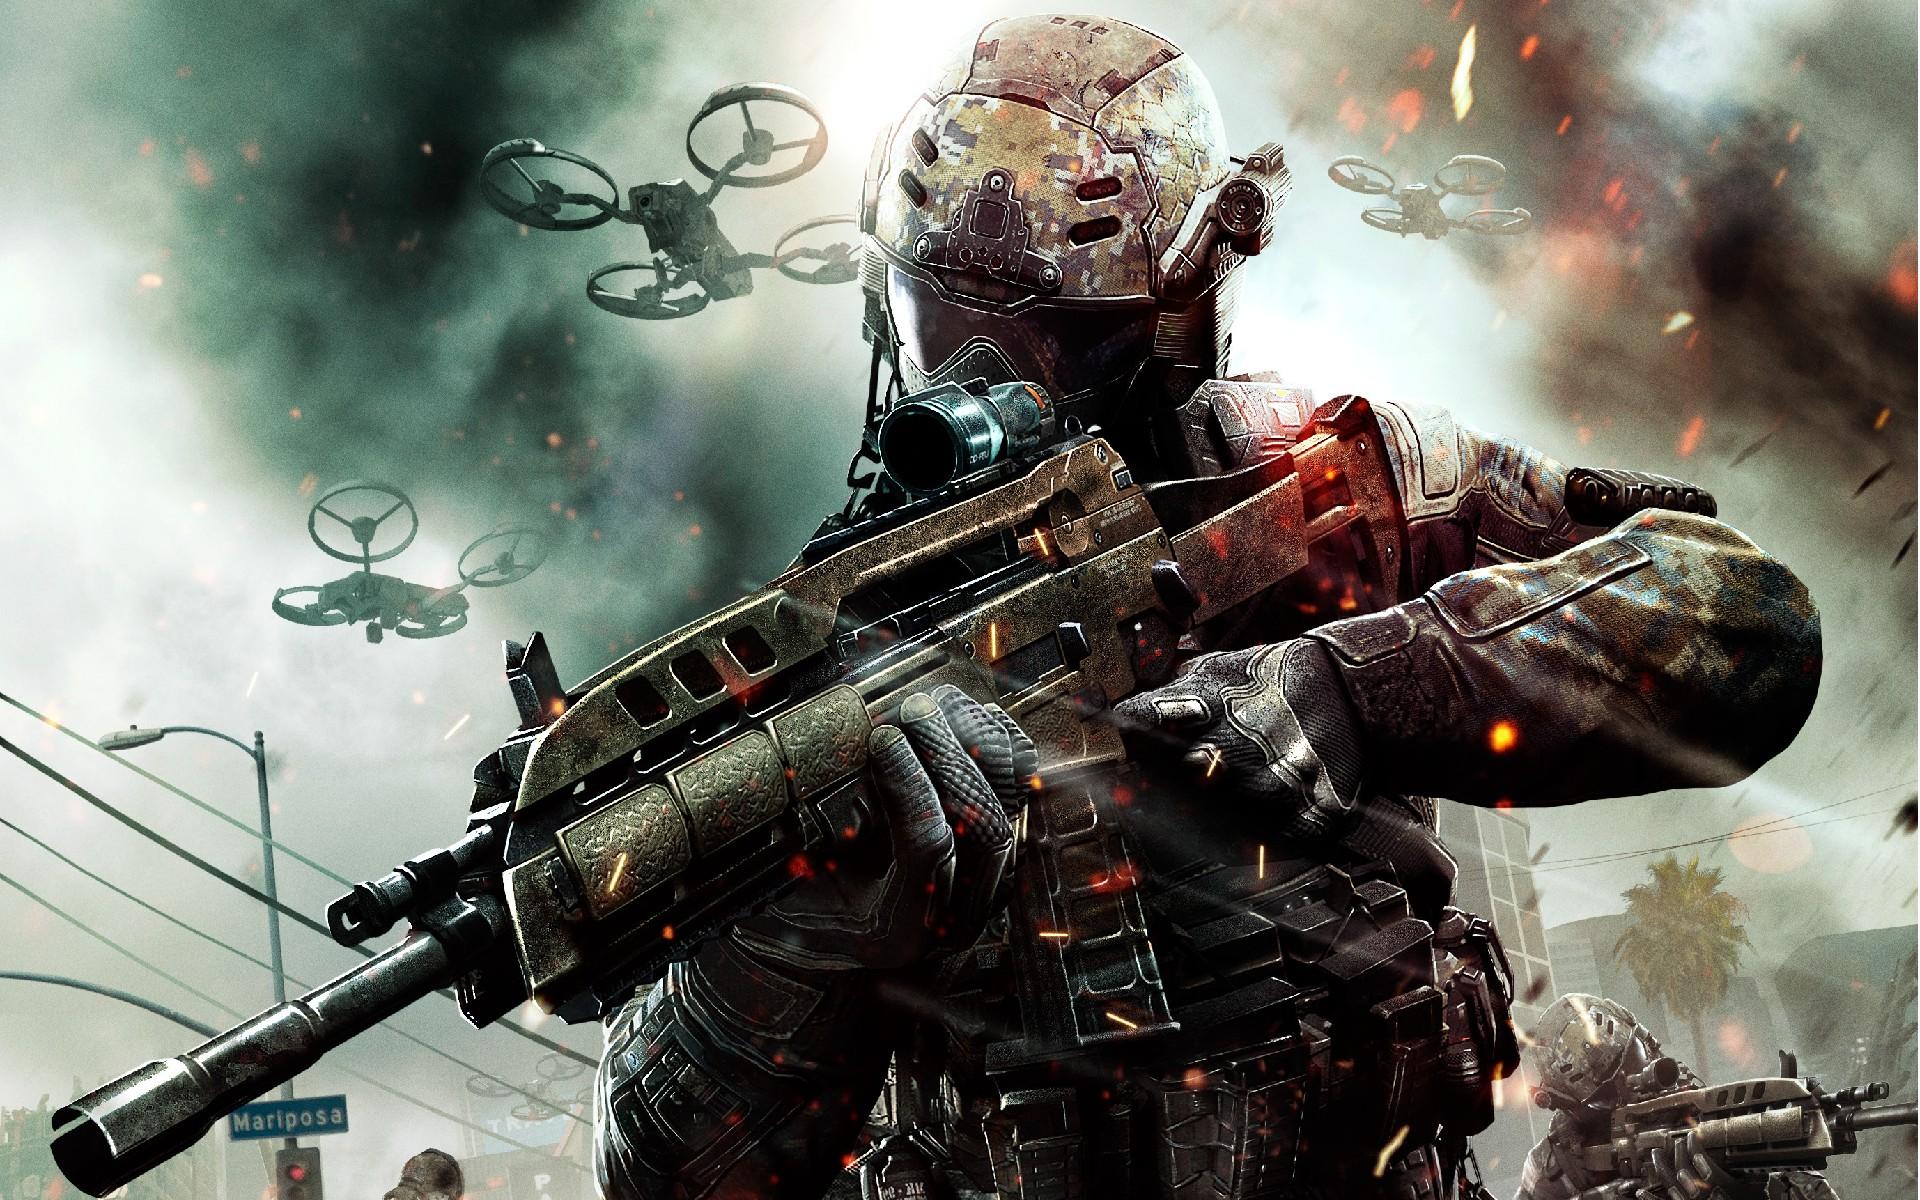 A Activision acredita que o novo Call of Duty não será tão lucrativo quanto Black Ops 2 (Foto: Divulgação)